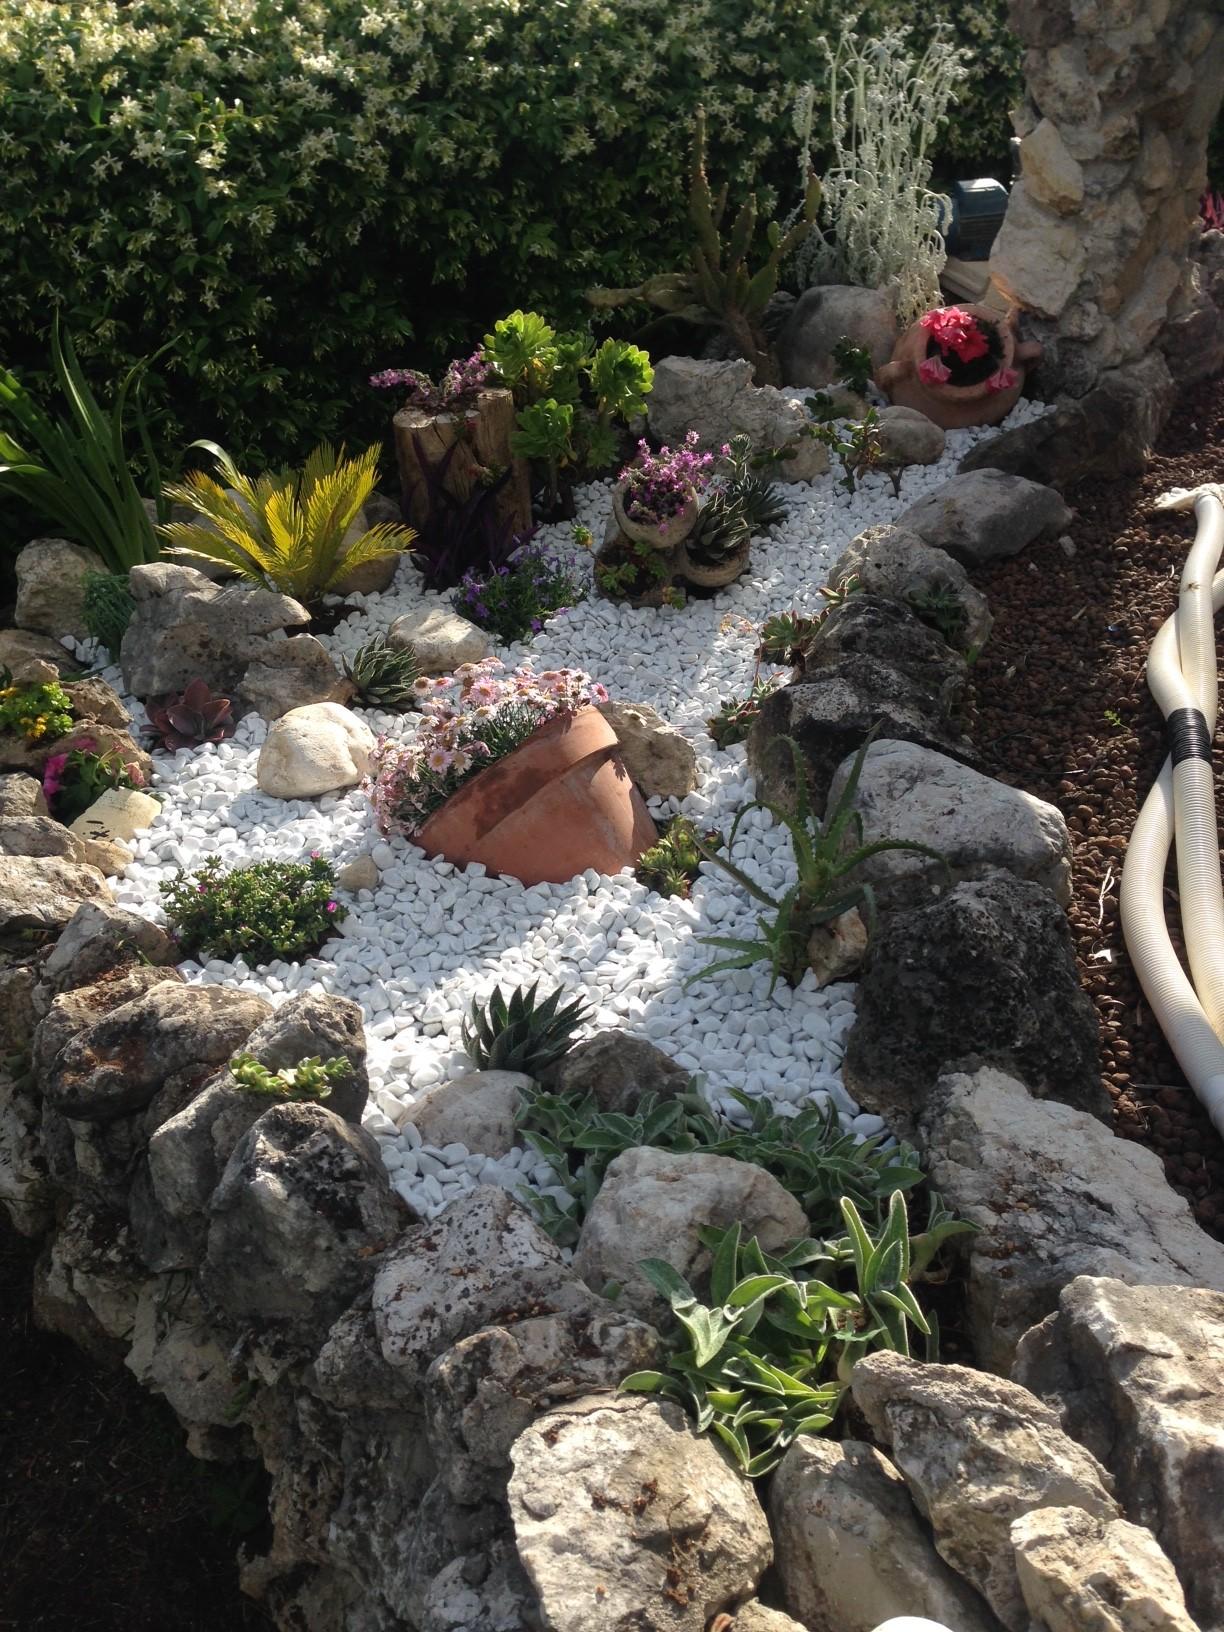 Aiuole creative ecco 20 bellissime idee for Idee per il giardino piccolo